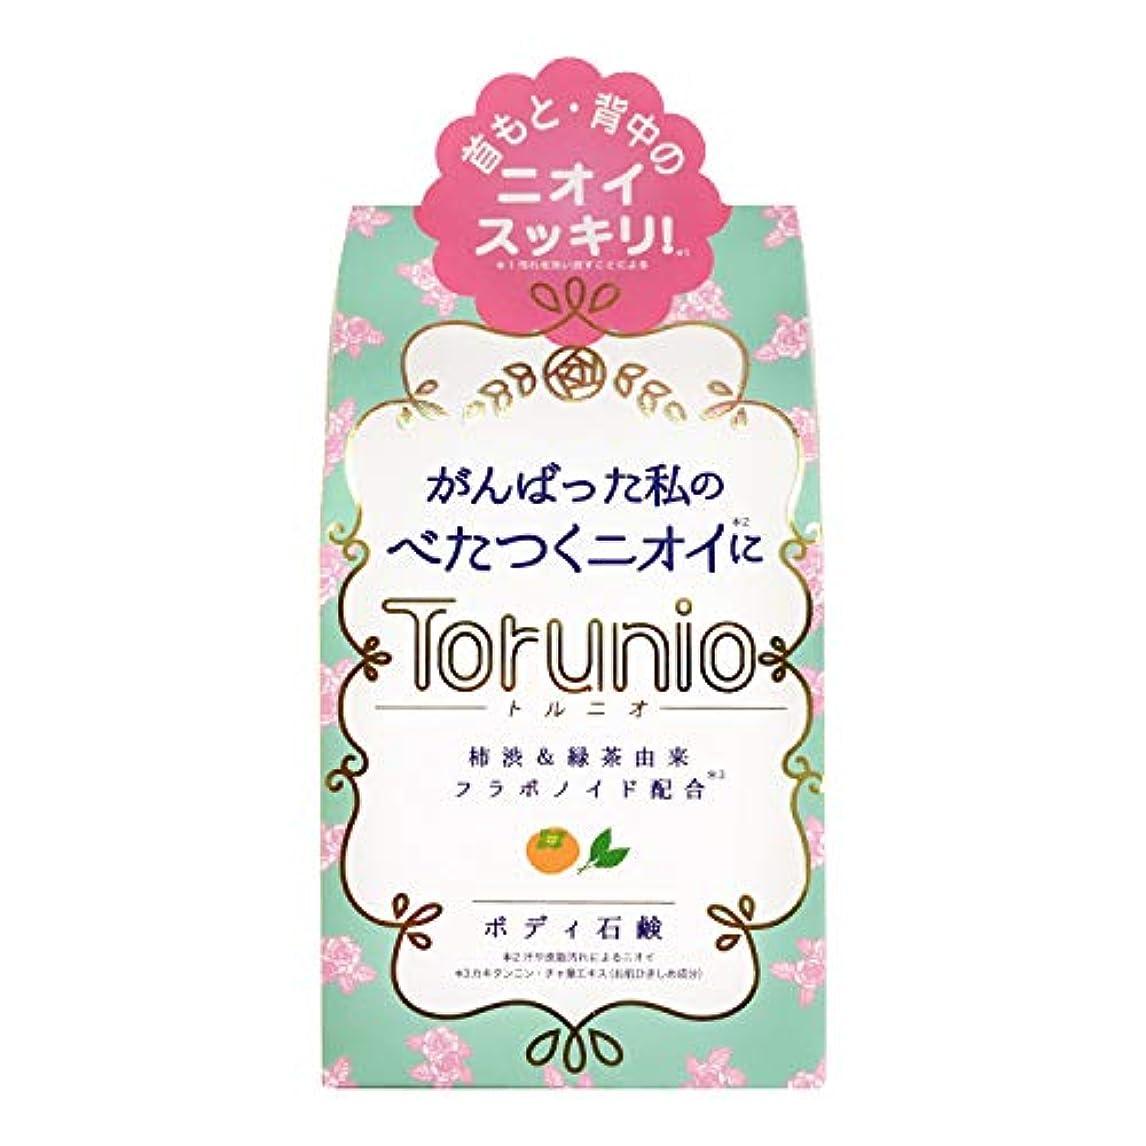 練習代理人ペナルティTorunio(トルニオ)石鹸 100g